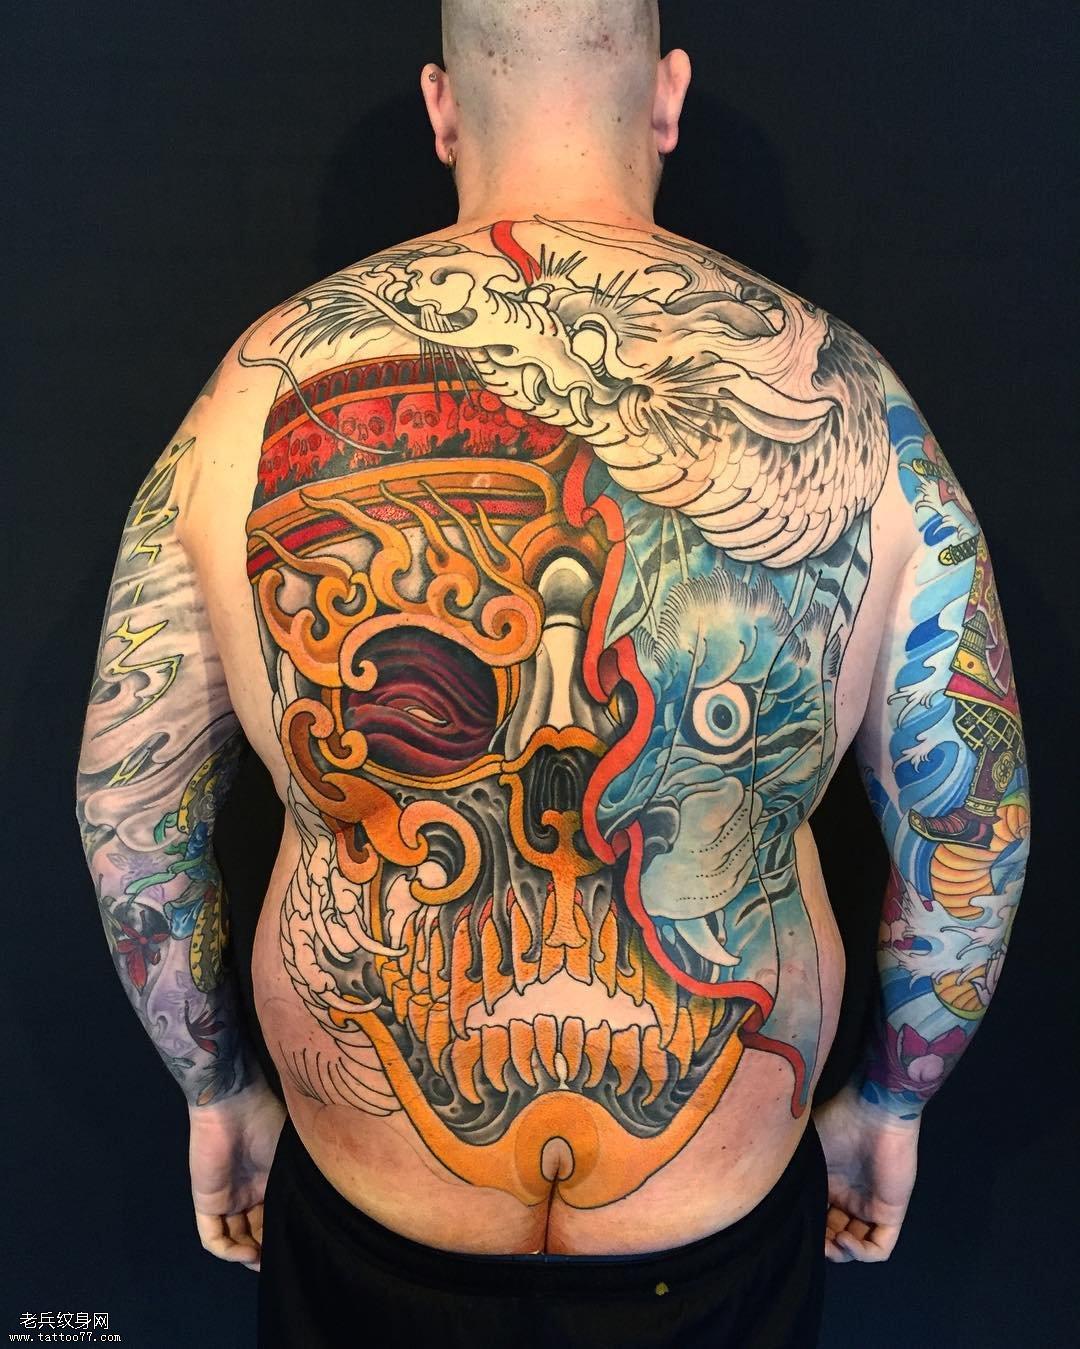 男士满背彩绘平安彩票开奖网嘎巴拉纹身图案